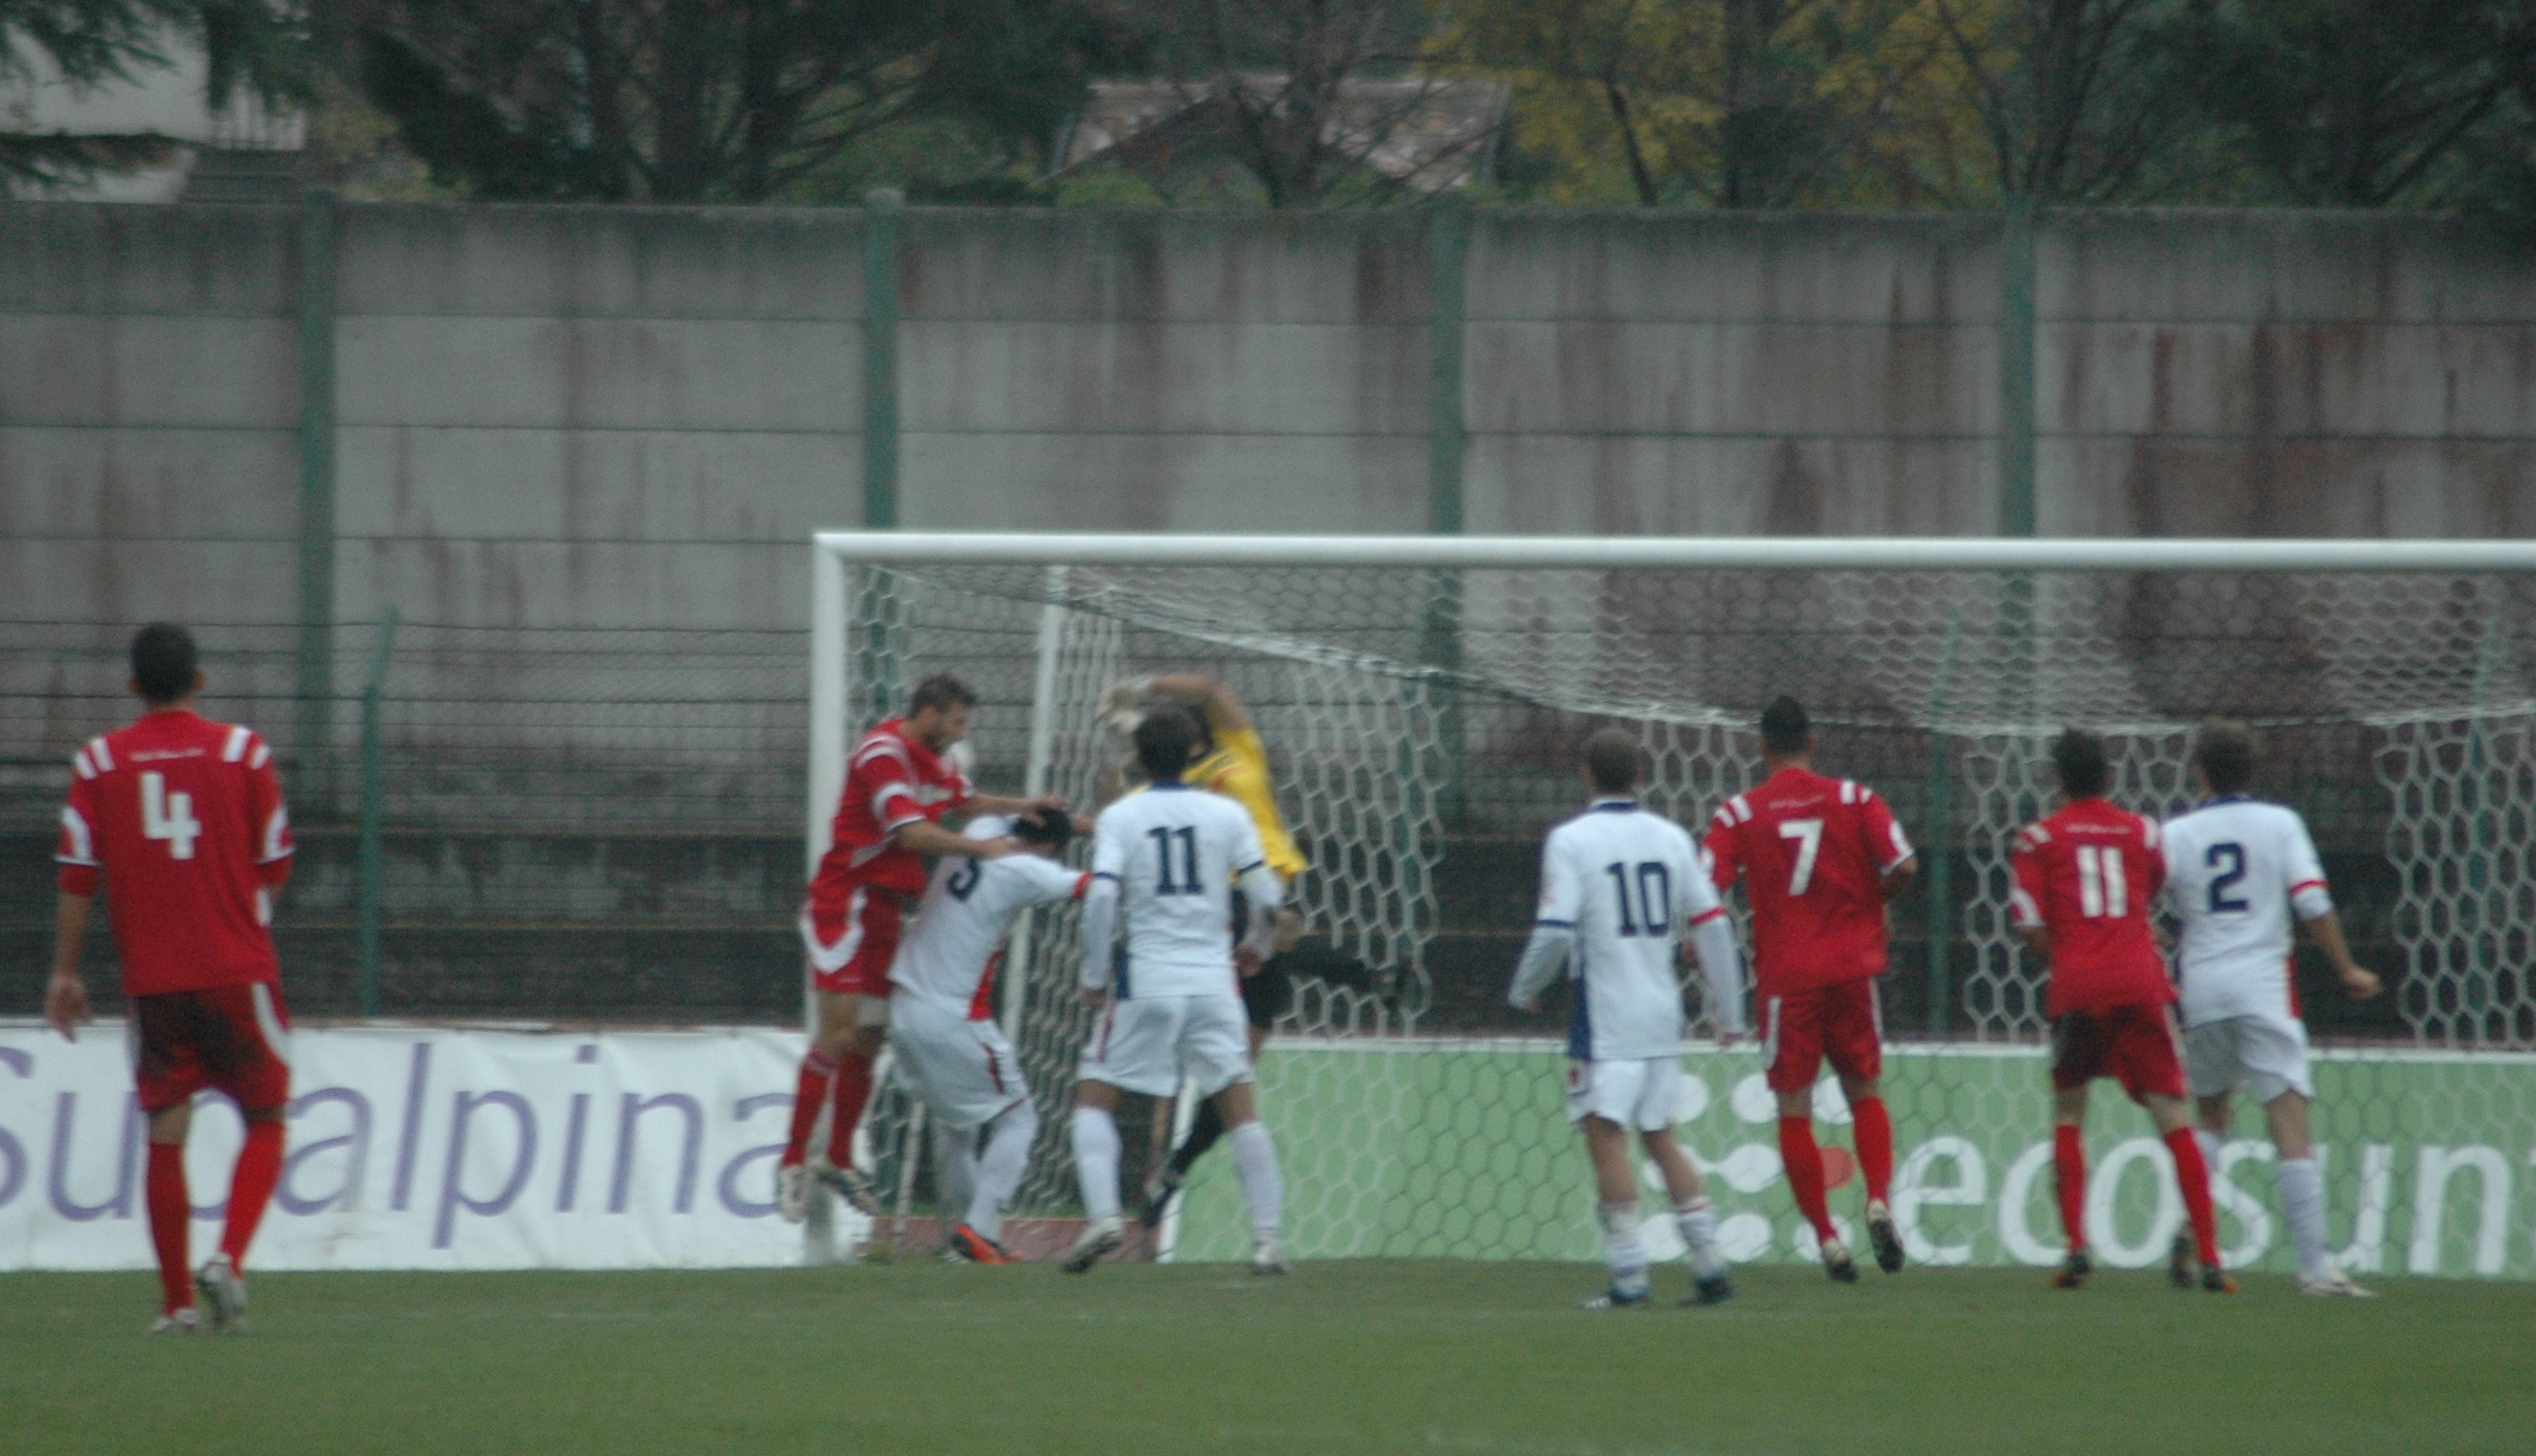 Samb-Ancona, Il gol di Ruffini (GIAMMUSSO)